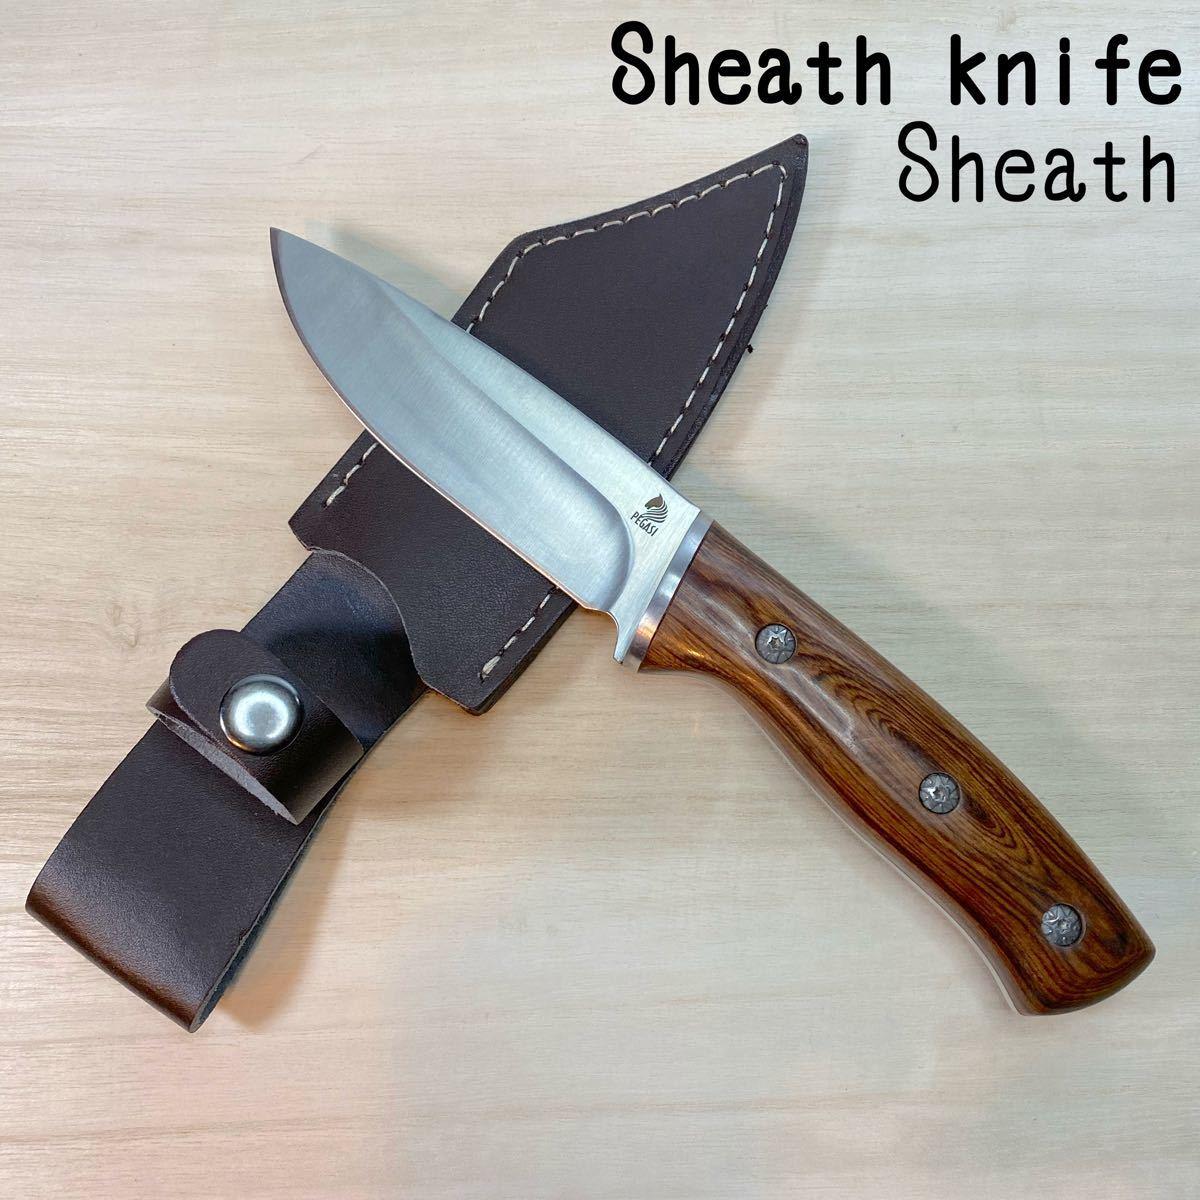 シースナイフ アウトドアナイフ レザーケース付き フルタング 木製ハンドル ウッドハンドル